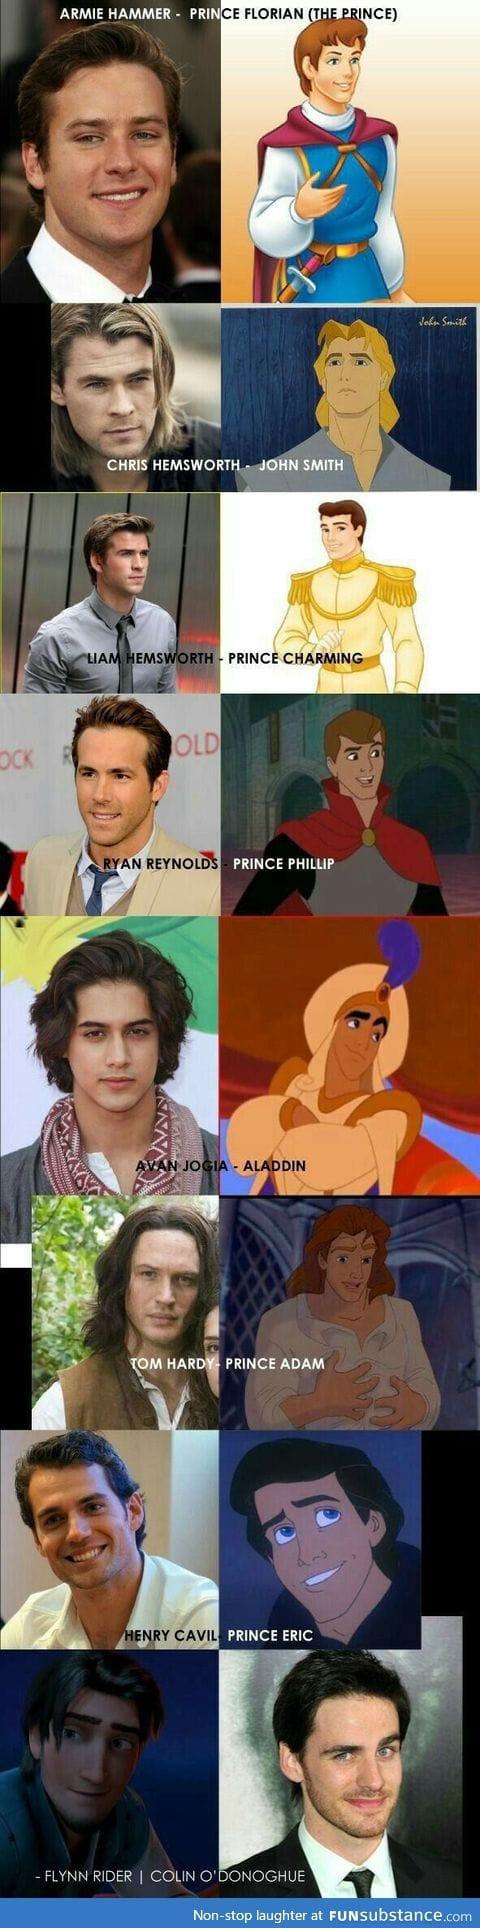 Everyone posting casts for Disney Princesses, so now I'm posting a cast for Disney